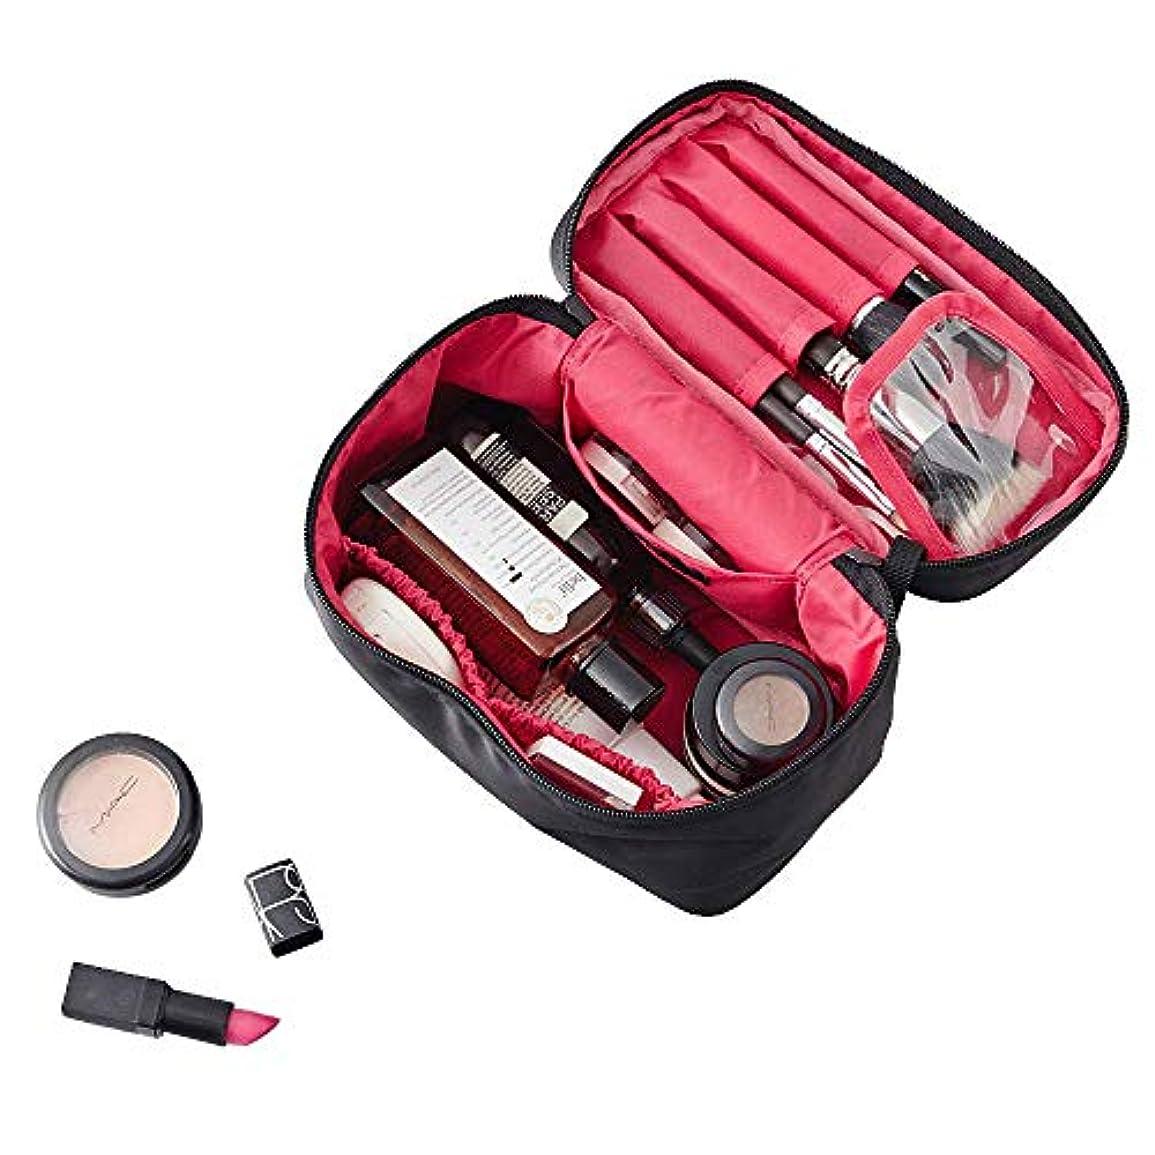 従うクルー適度にNKTM 化粧ポーチ コスメポーチ メイクポーチ 大容量 バニティポーチ 機能的 小物入れ 化粧道具 旅行 (ブランク)